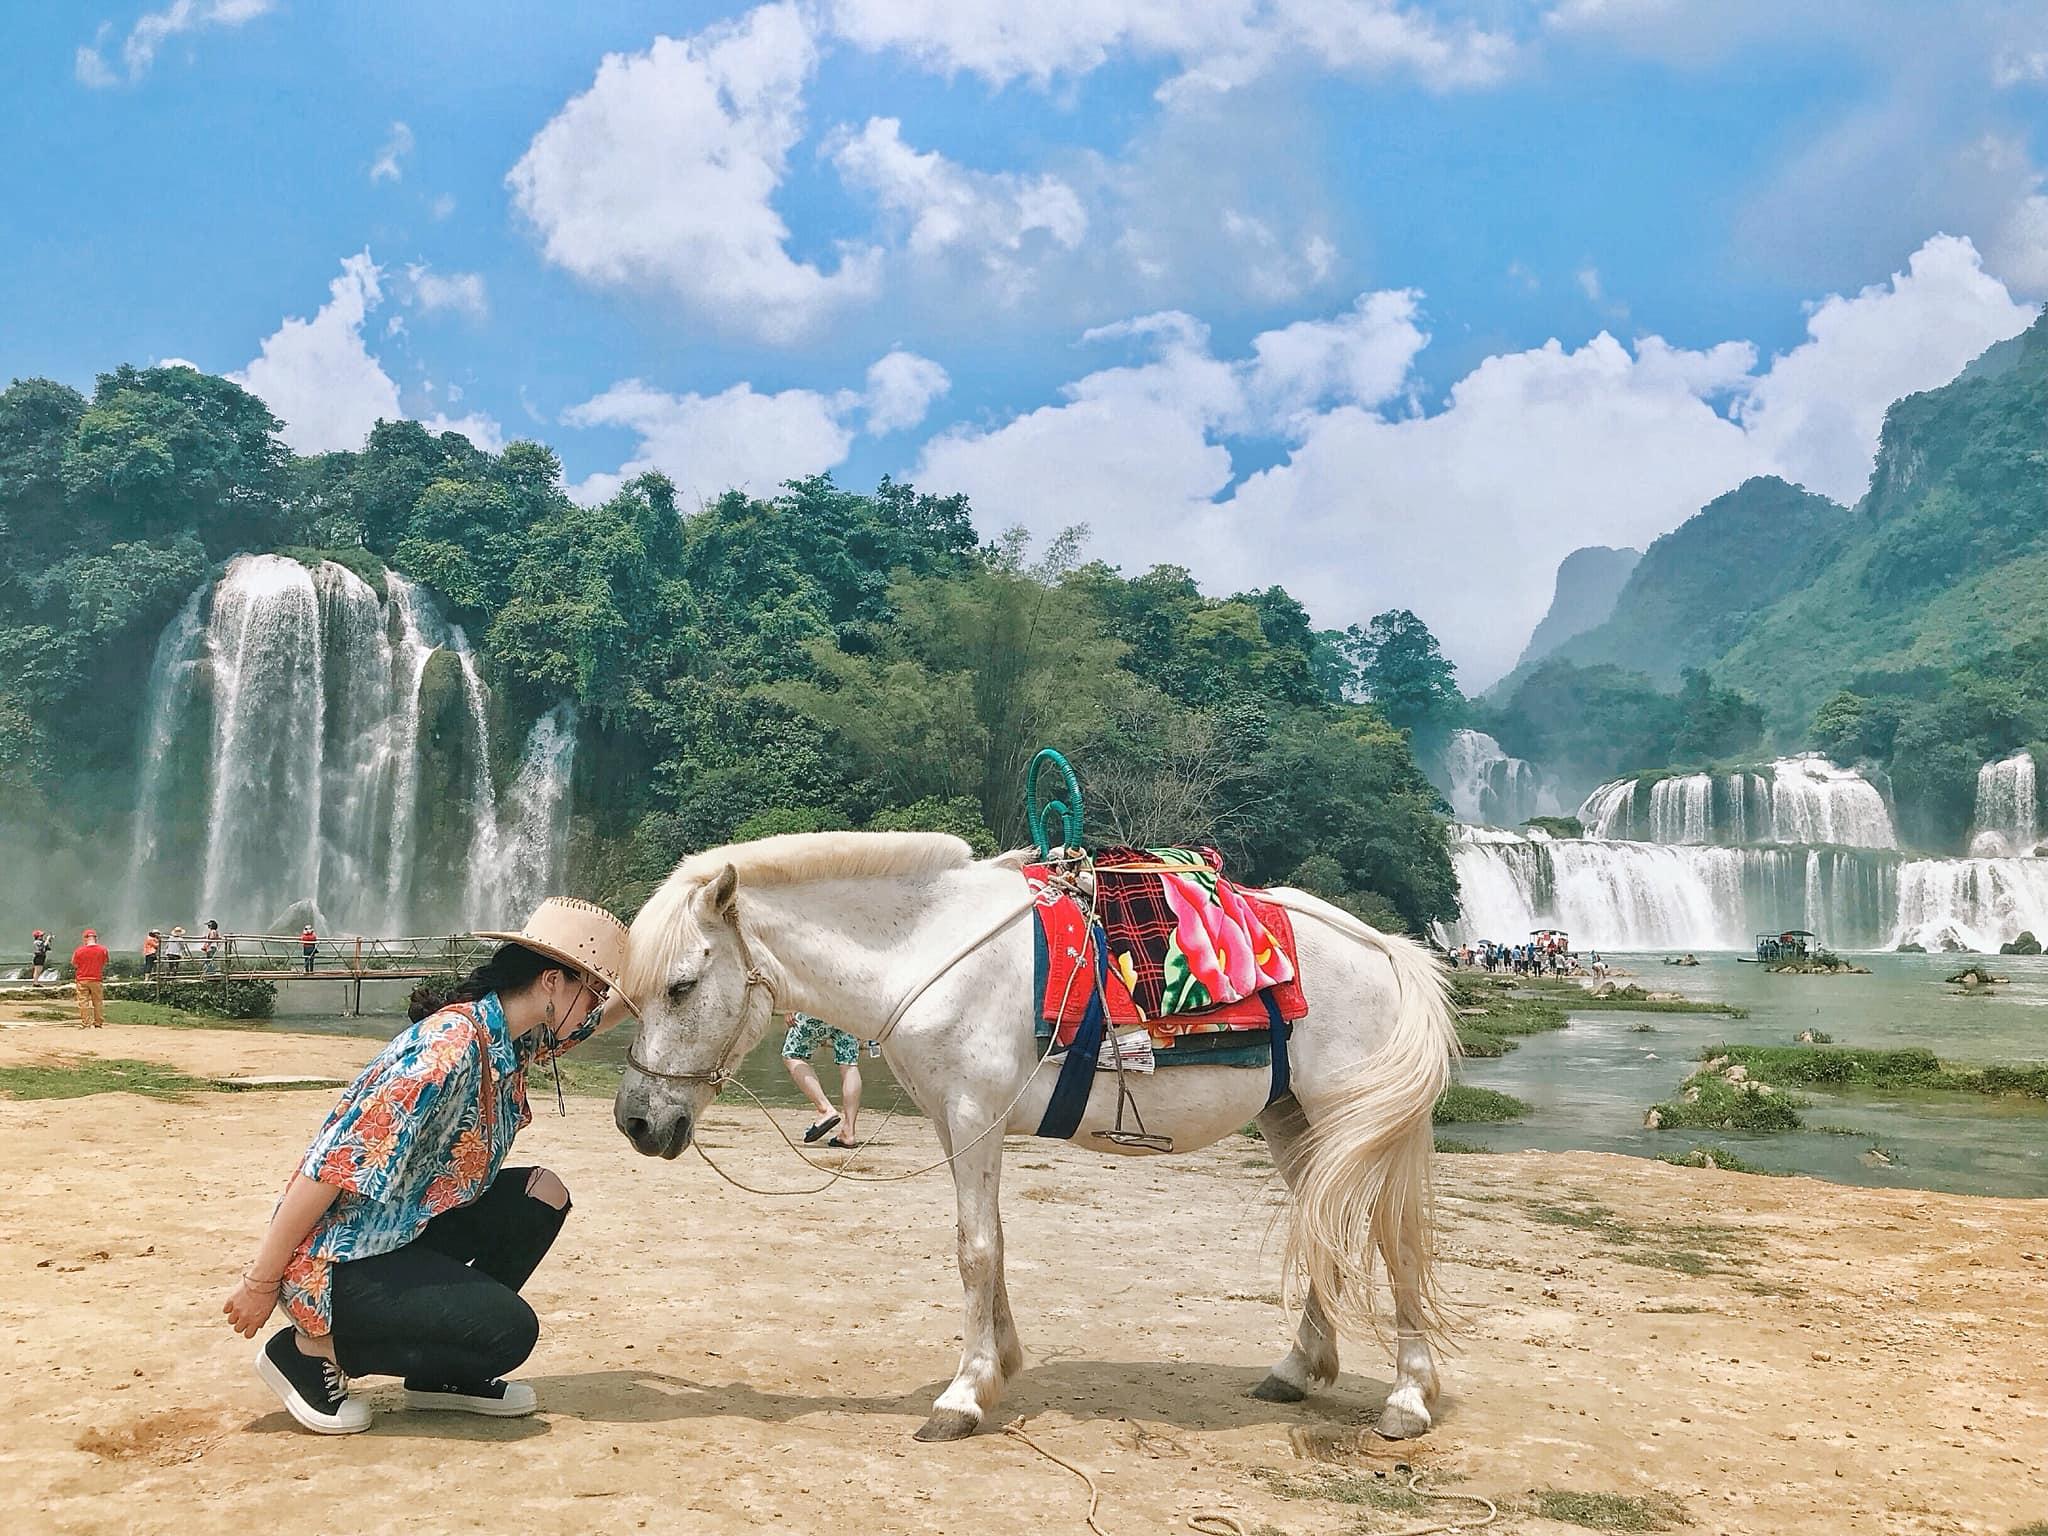 Du lịch 2/9 Ba Bể - Bản Giốc ngắm thác nước vào mùa đẹp nhất